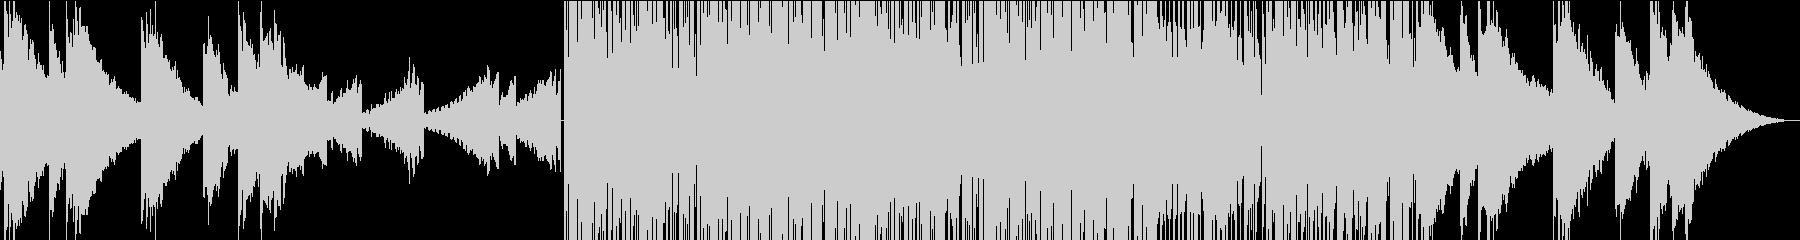 エキゾチックなゆったりBGMの未再生の波形